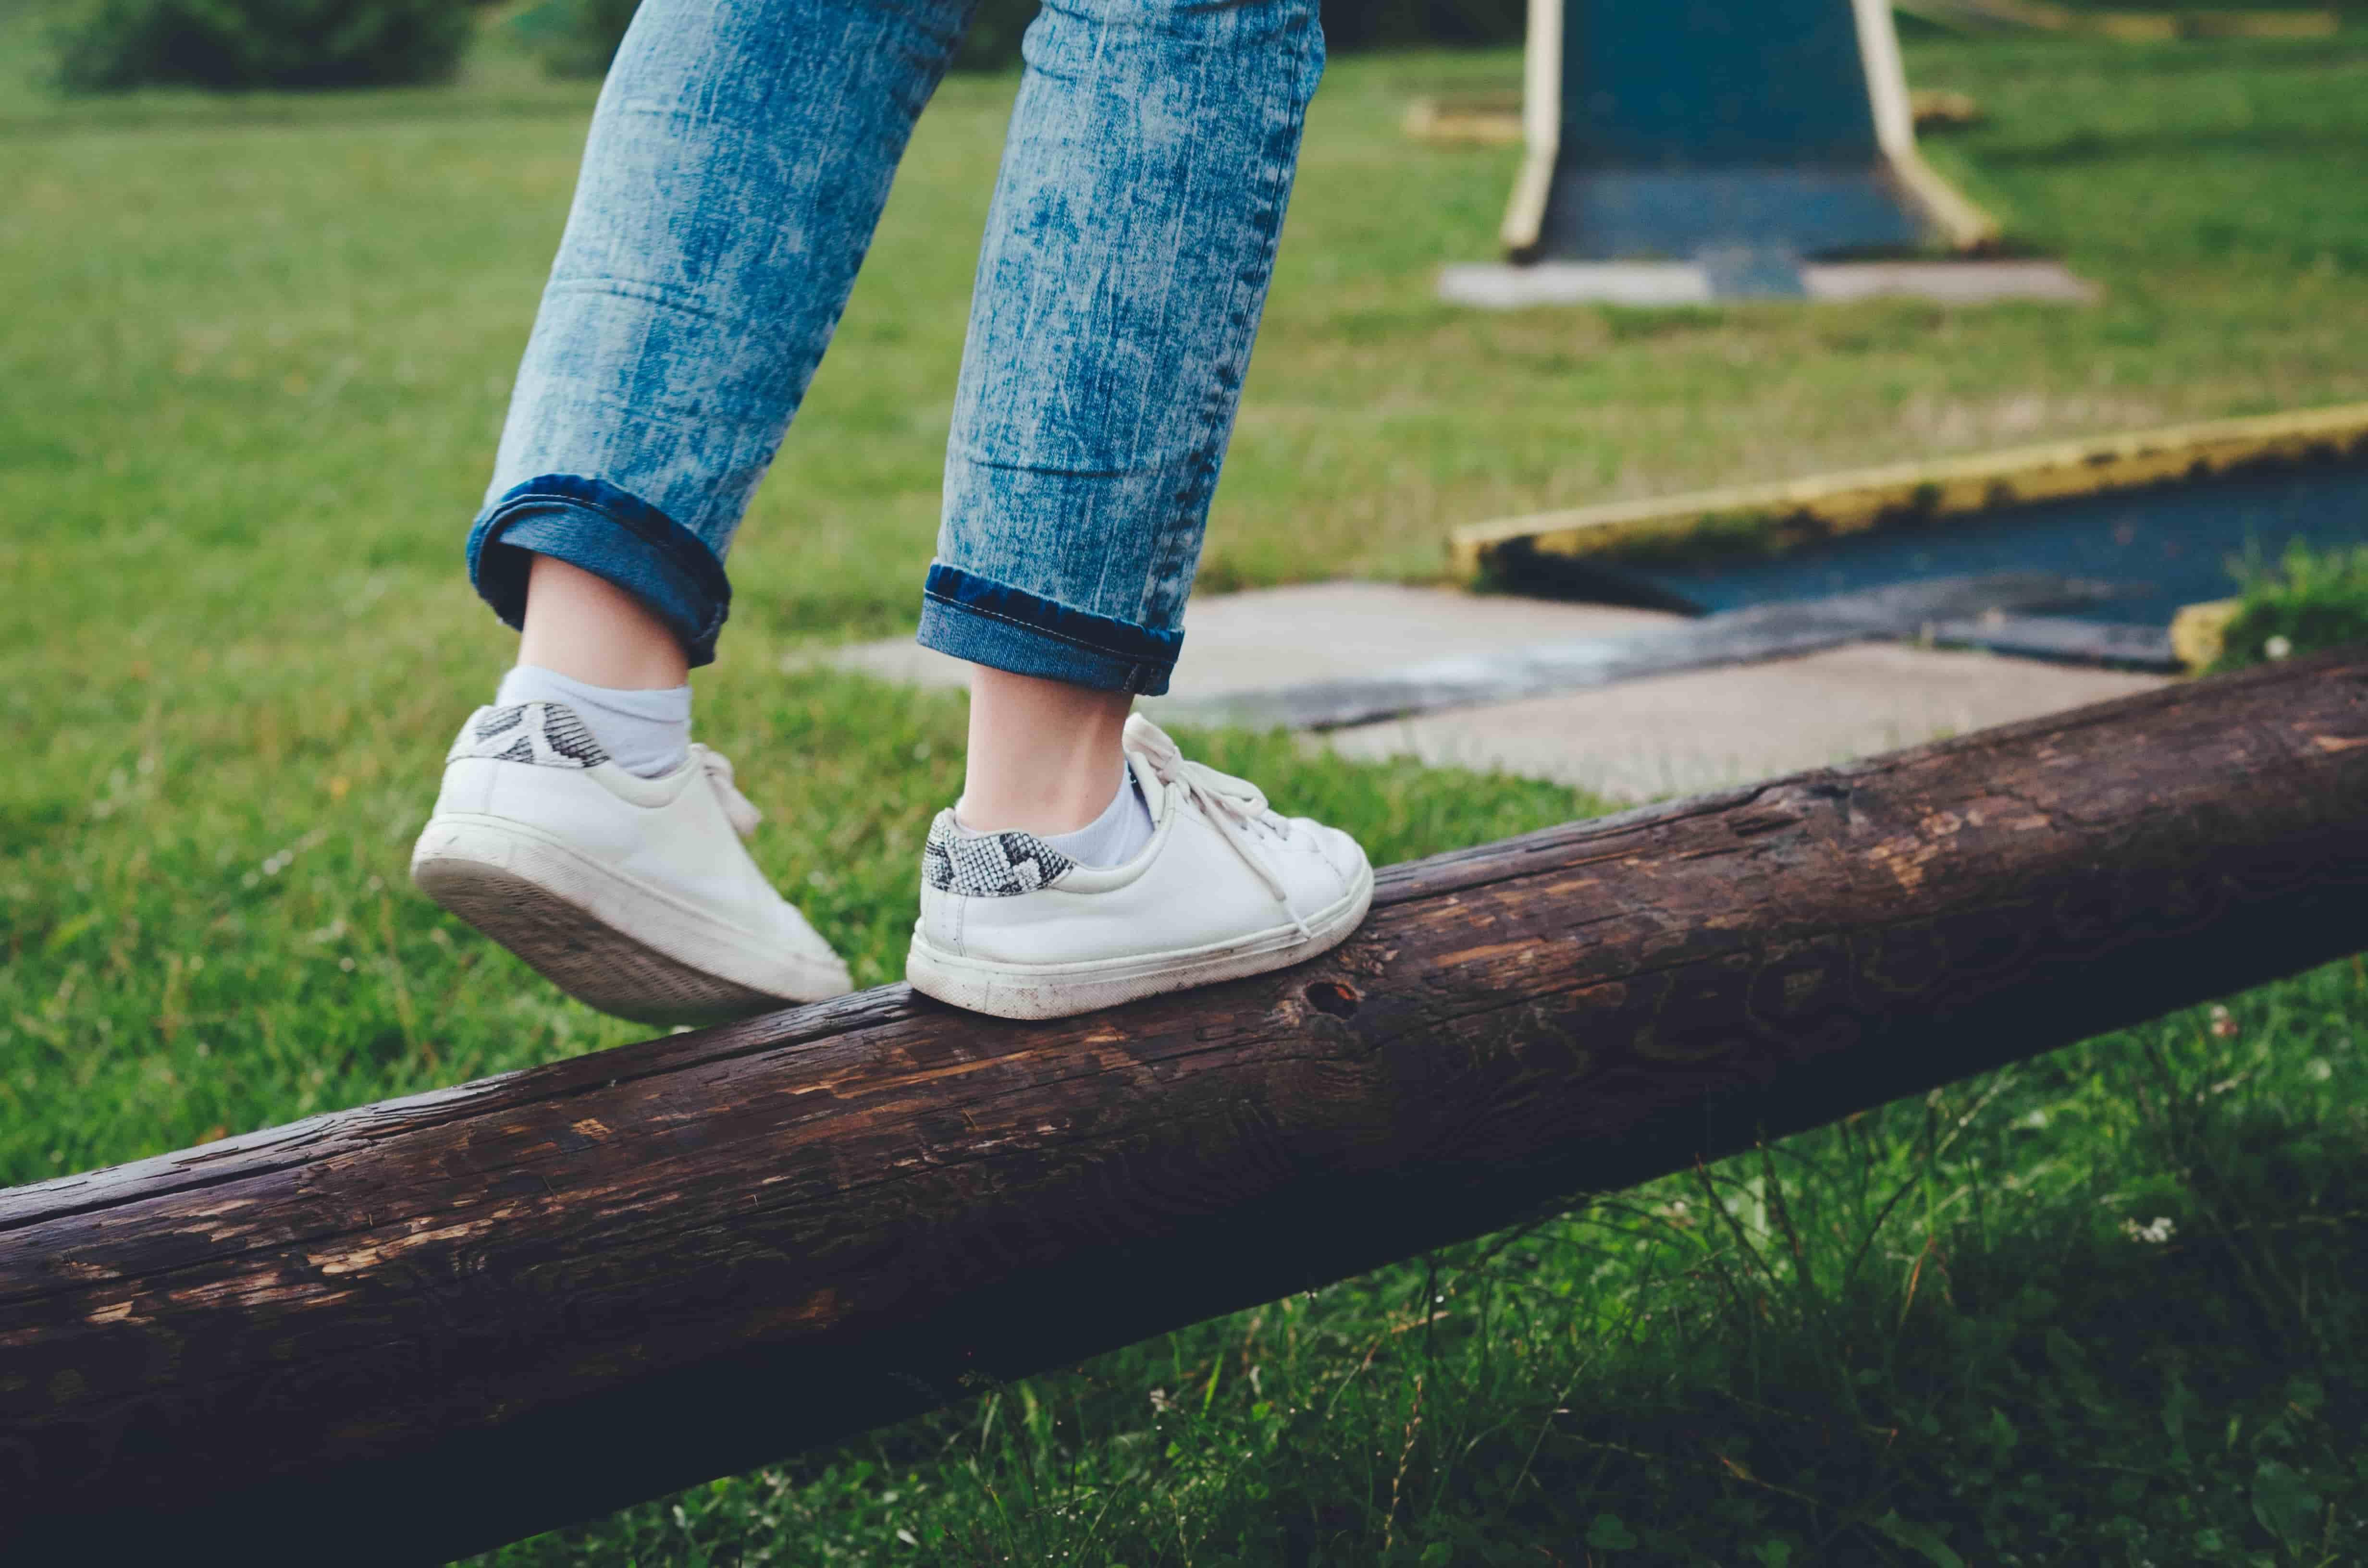 Как ухаживать за белой кожей. Правильный уход за кожаной обувью белого цвета